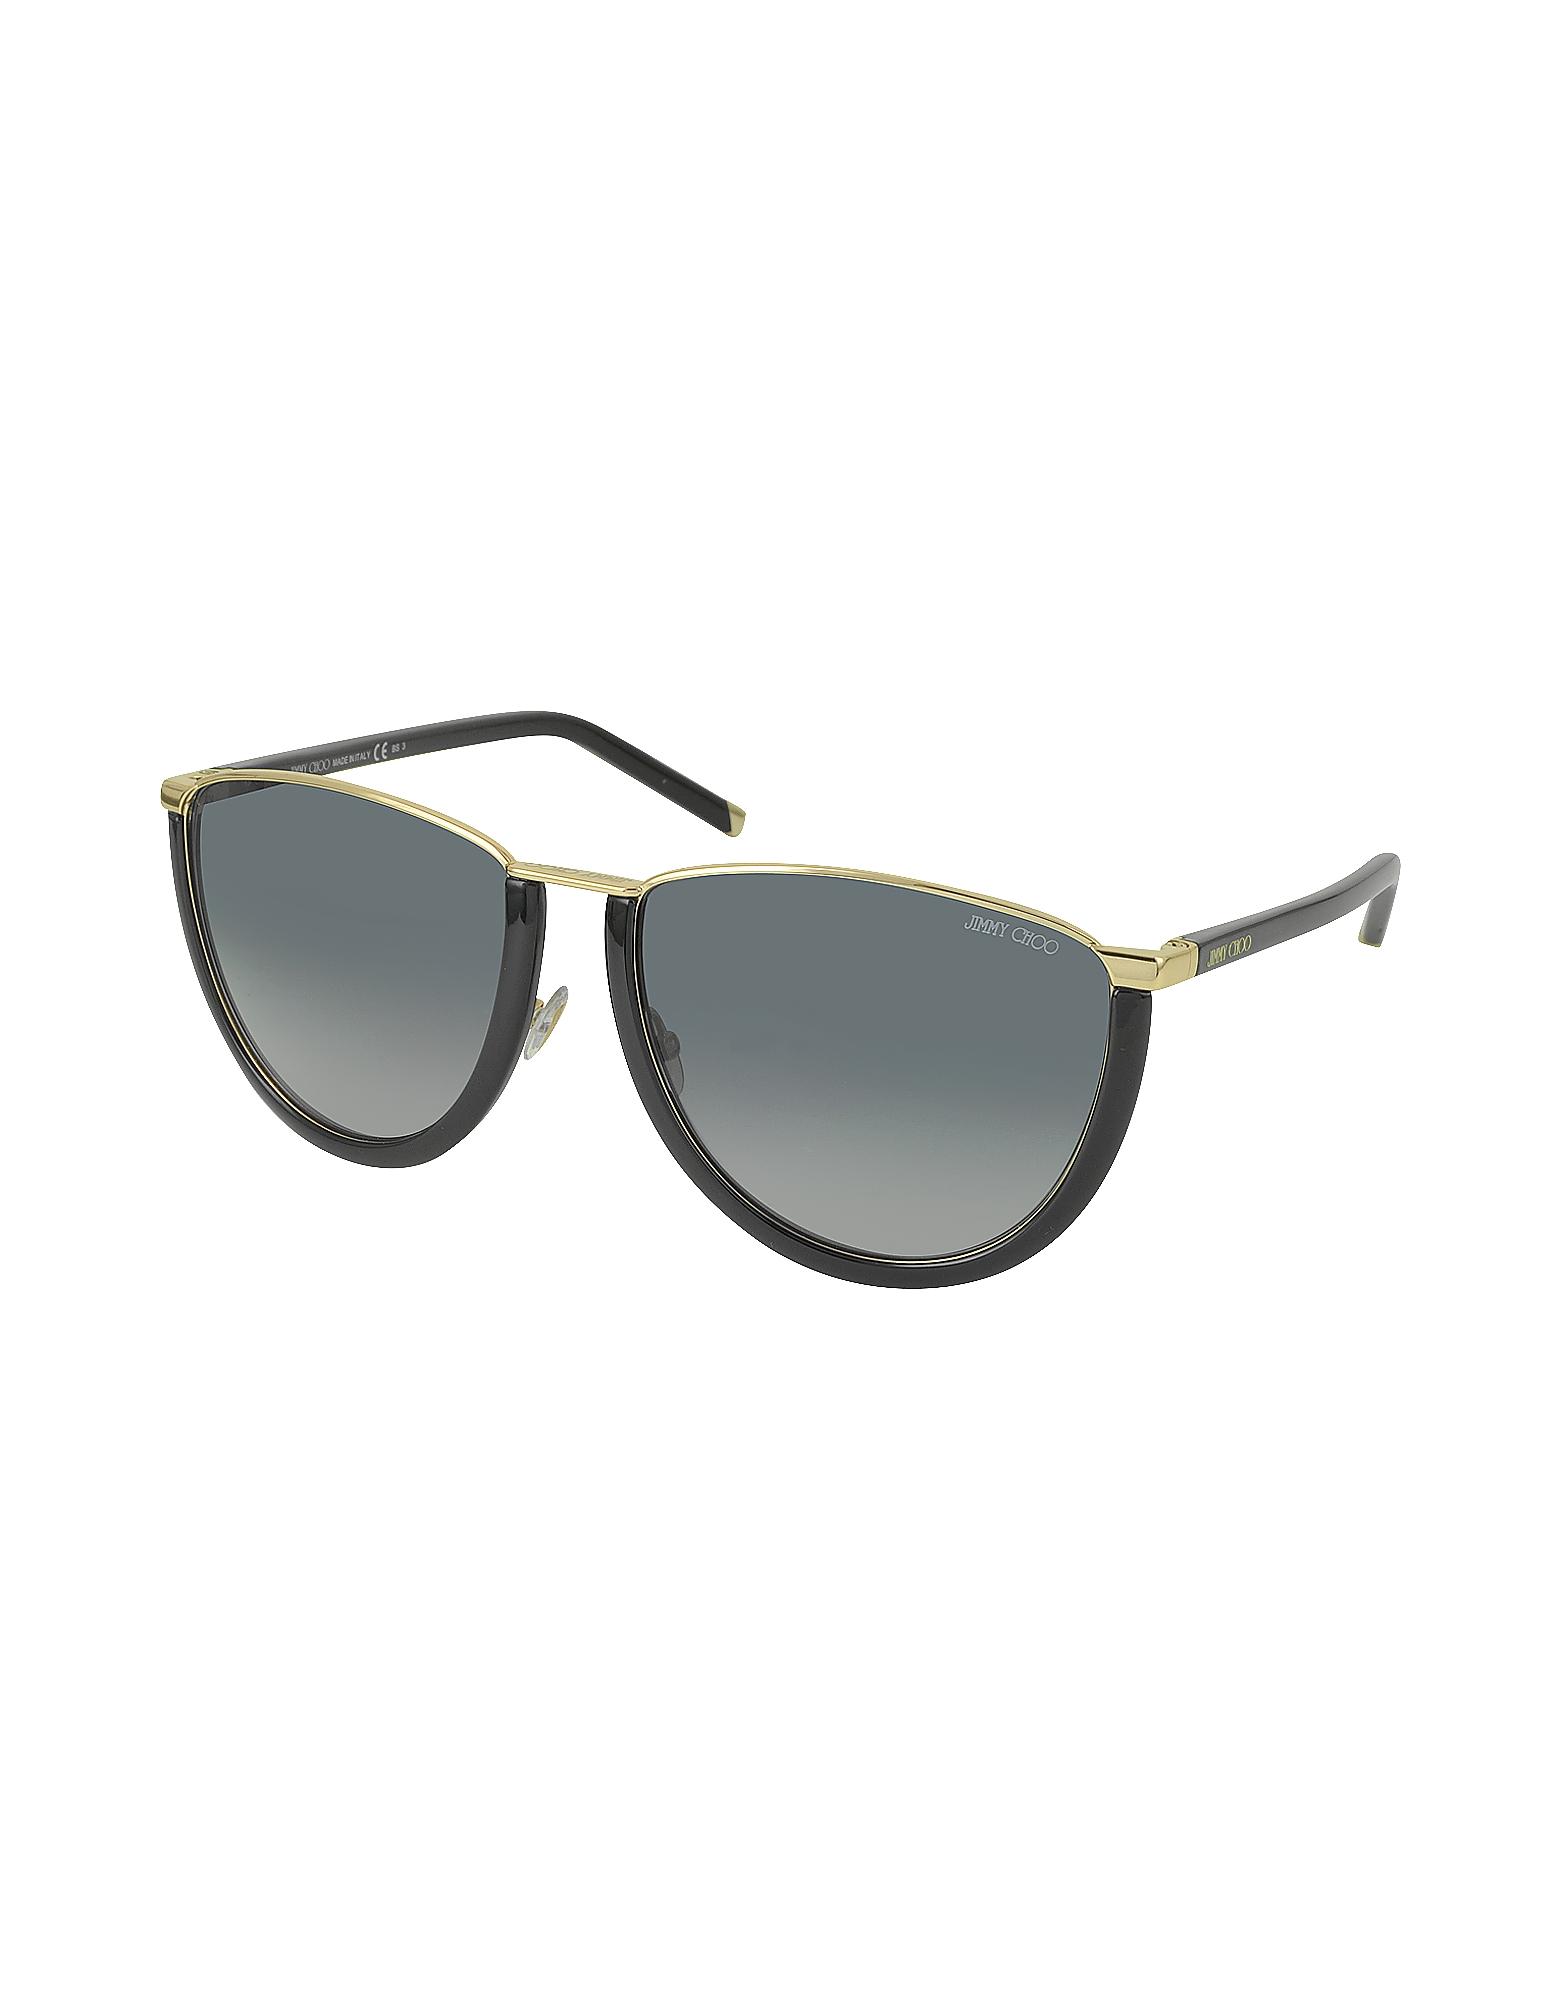 fbc7c8ad2db Lyst - Jimmy Choo Mila s Wl4hd Gold And Black Women s Sunglasses in Black